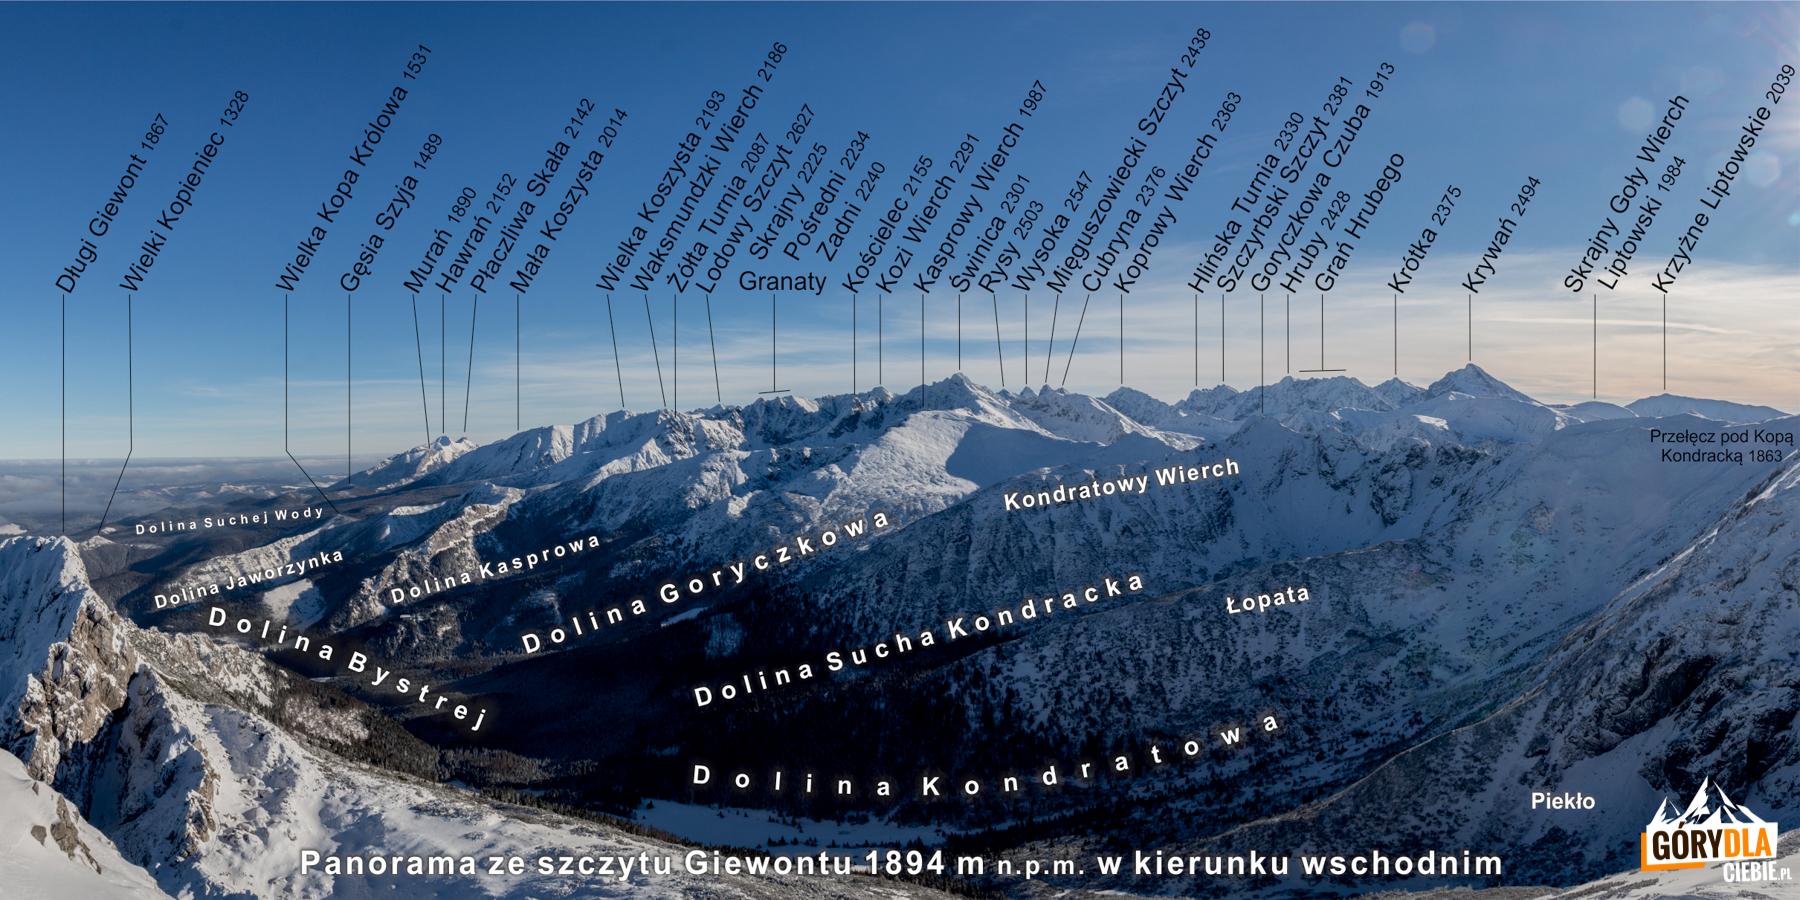 Giewont opisana panorama - wschód